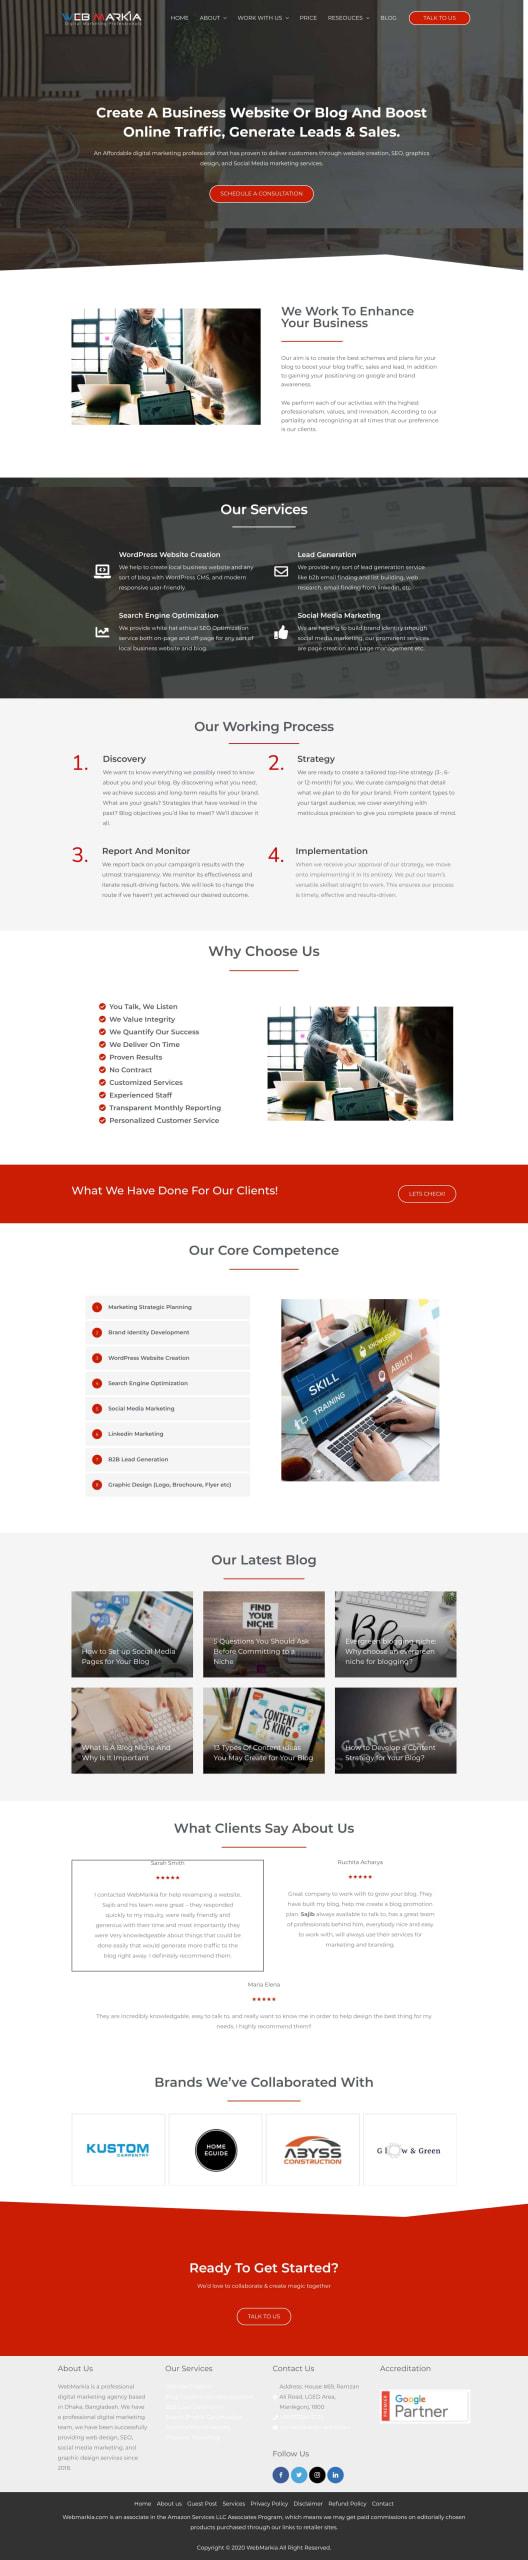 webmarkia